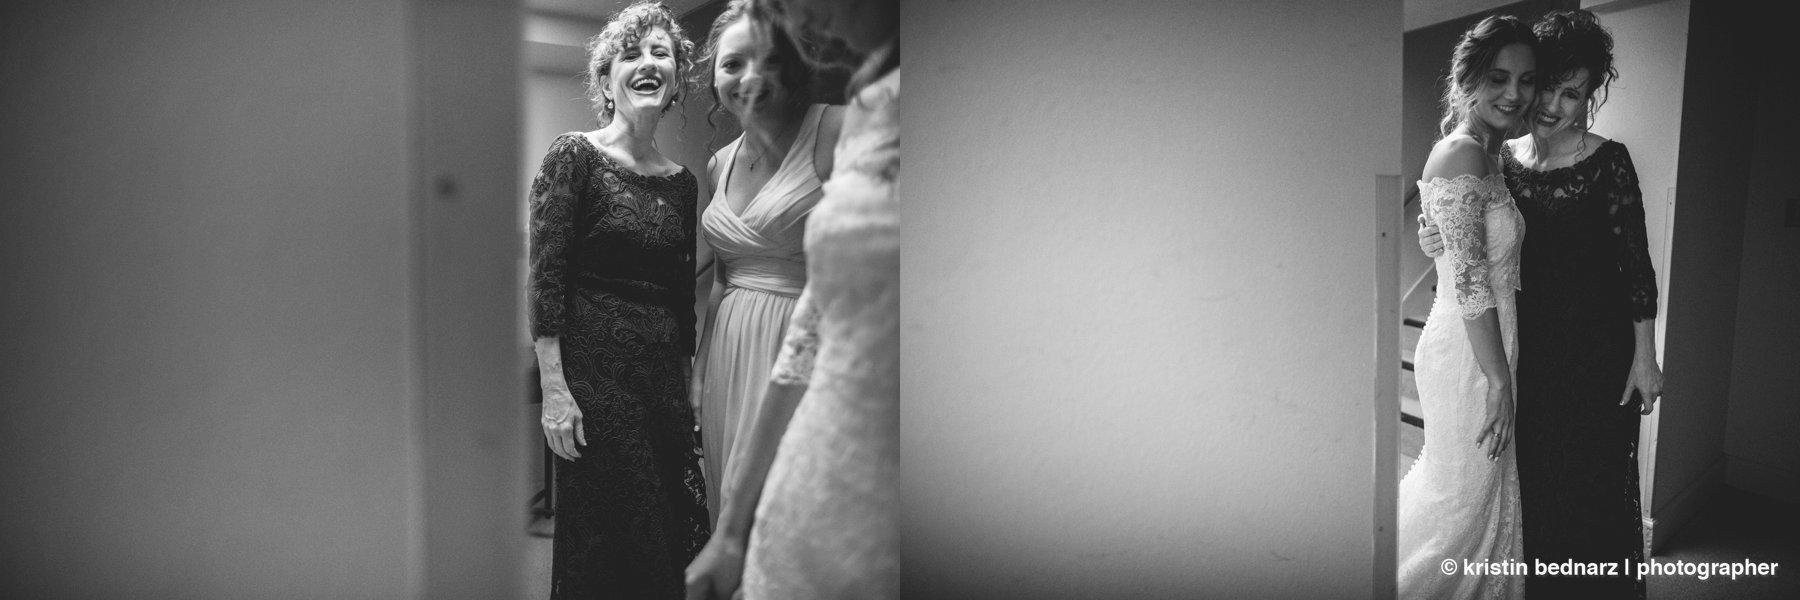 Krisitin_Bednarz_Lubbock_Wedding_Photographer_20180602_0042.JPG